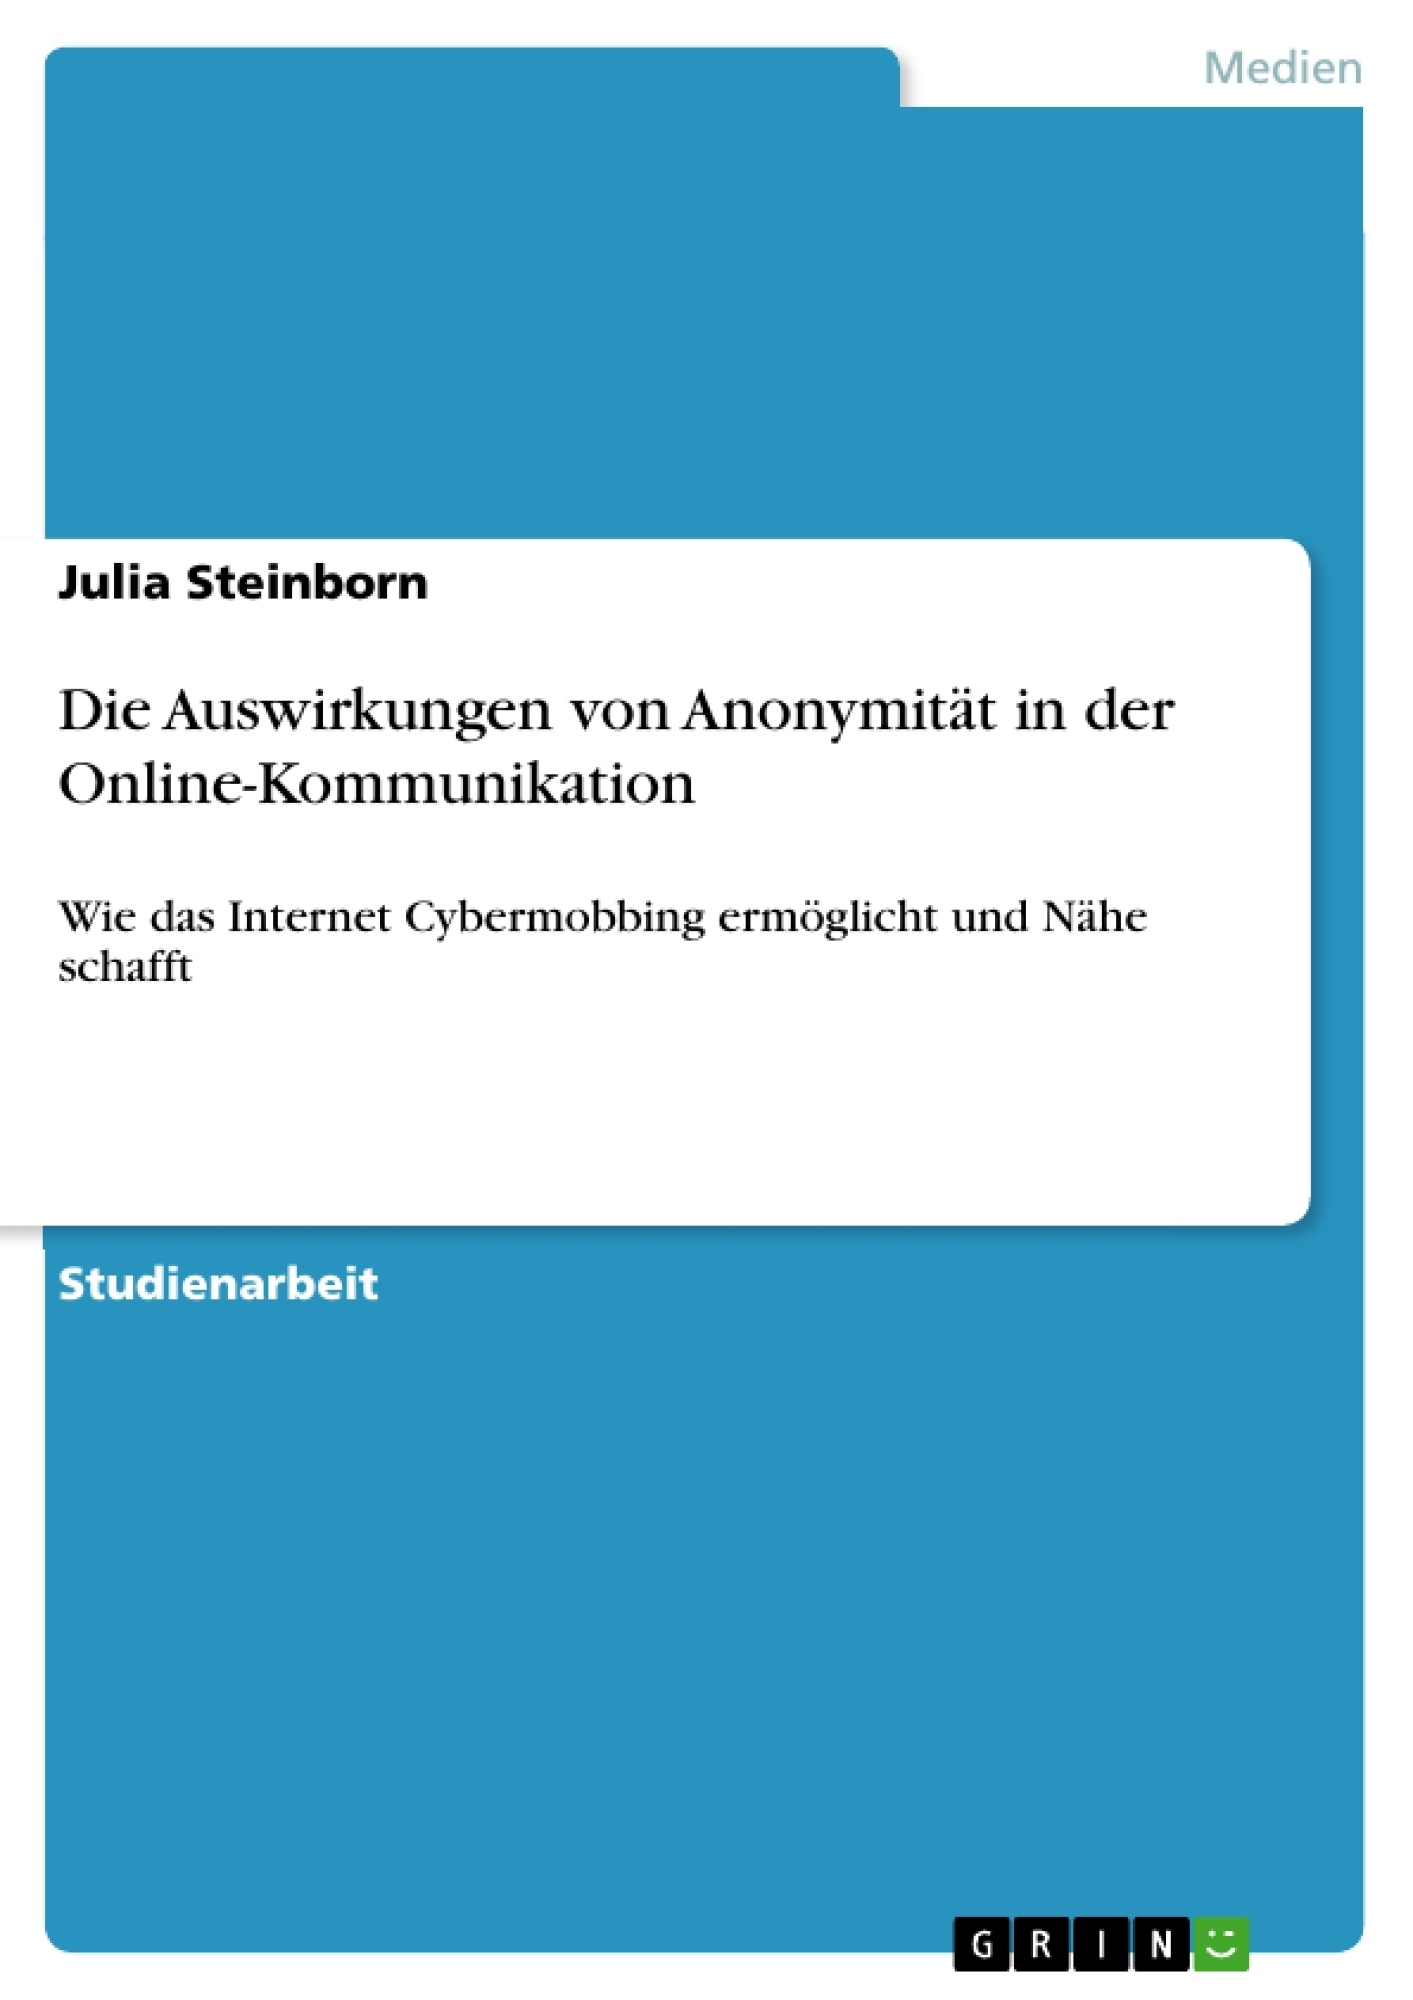 Titel: Die Auswirkungen von Anonymität in der Online-Kommunikation